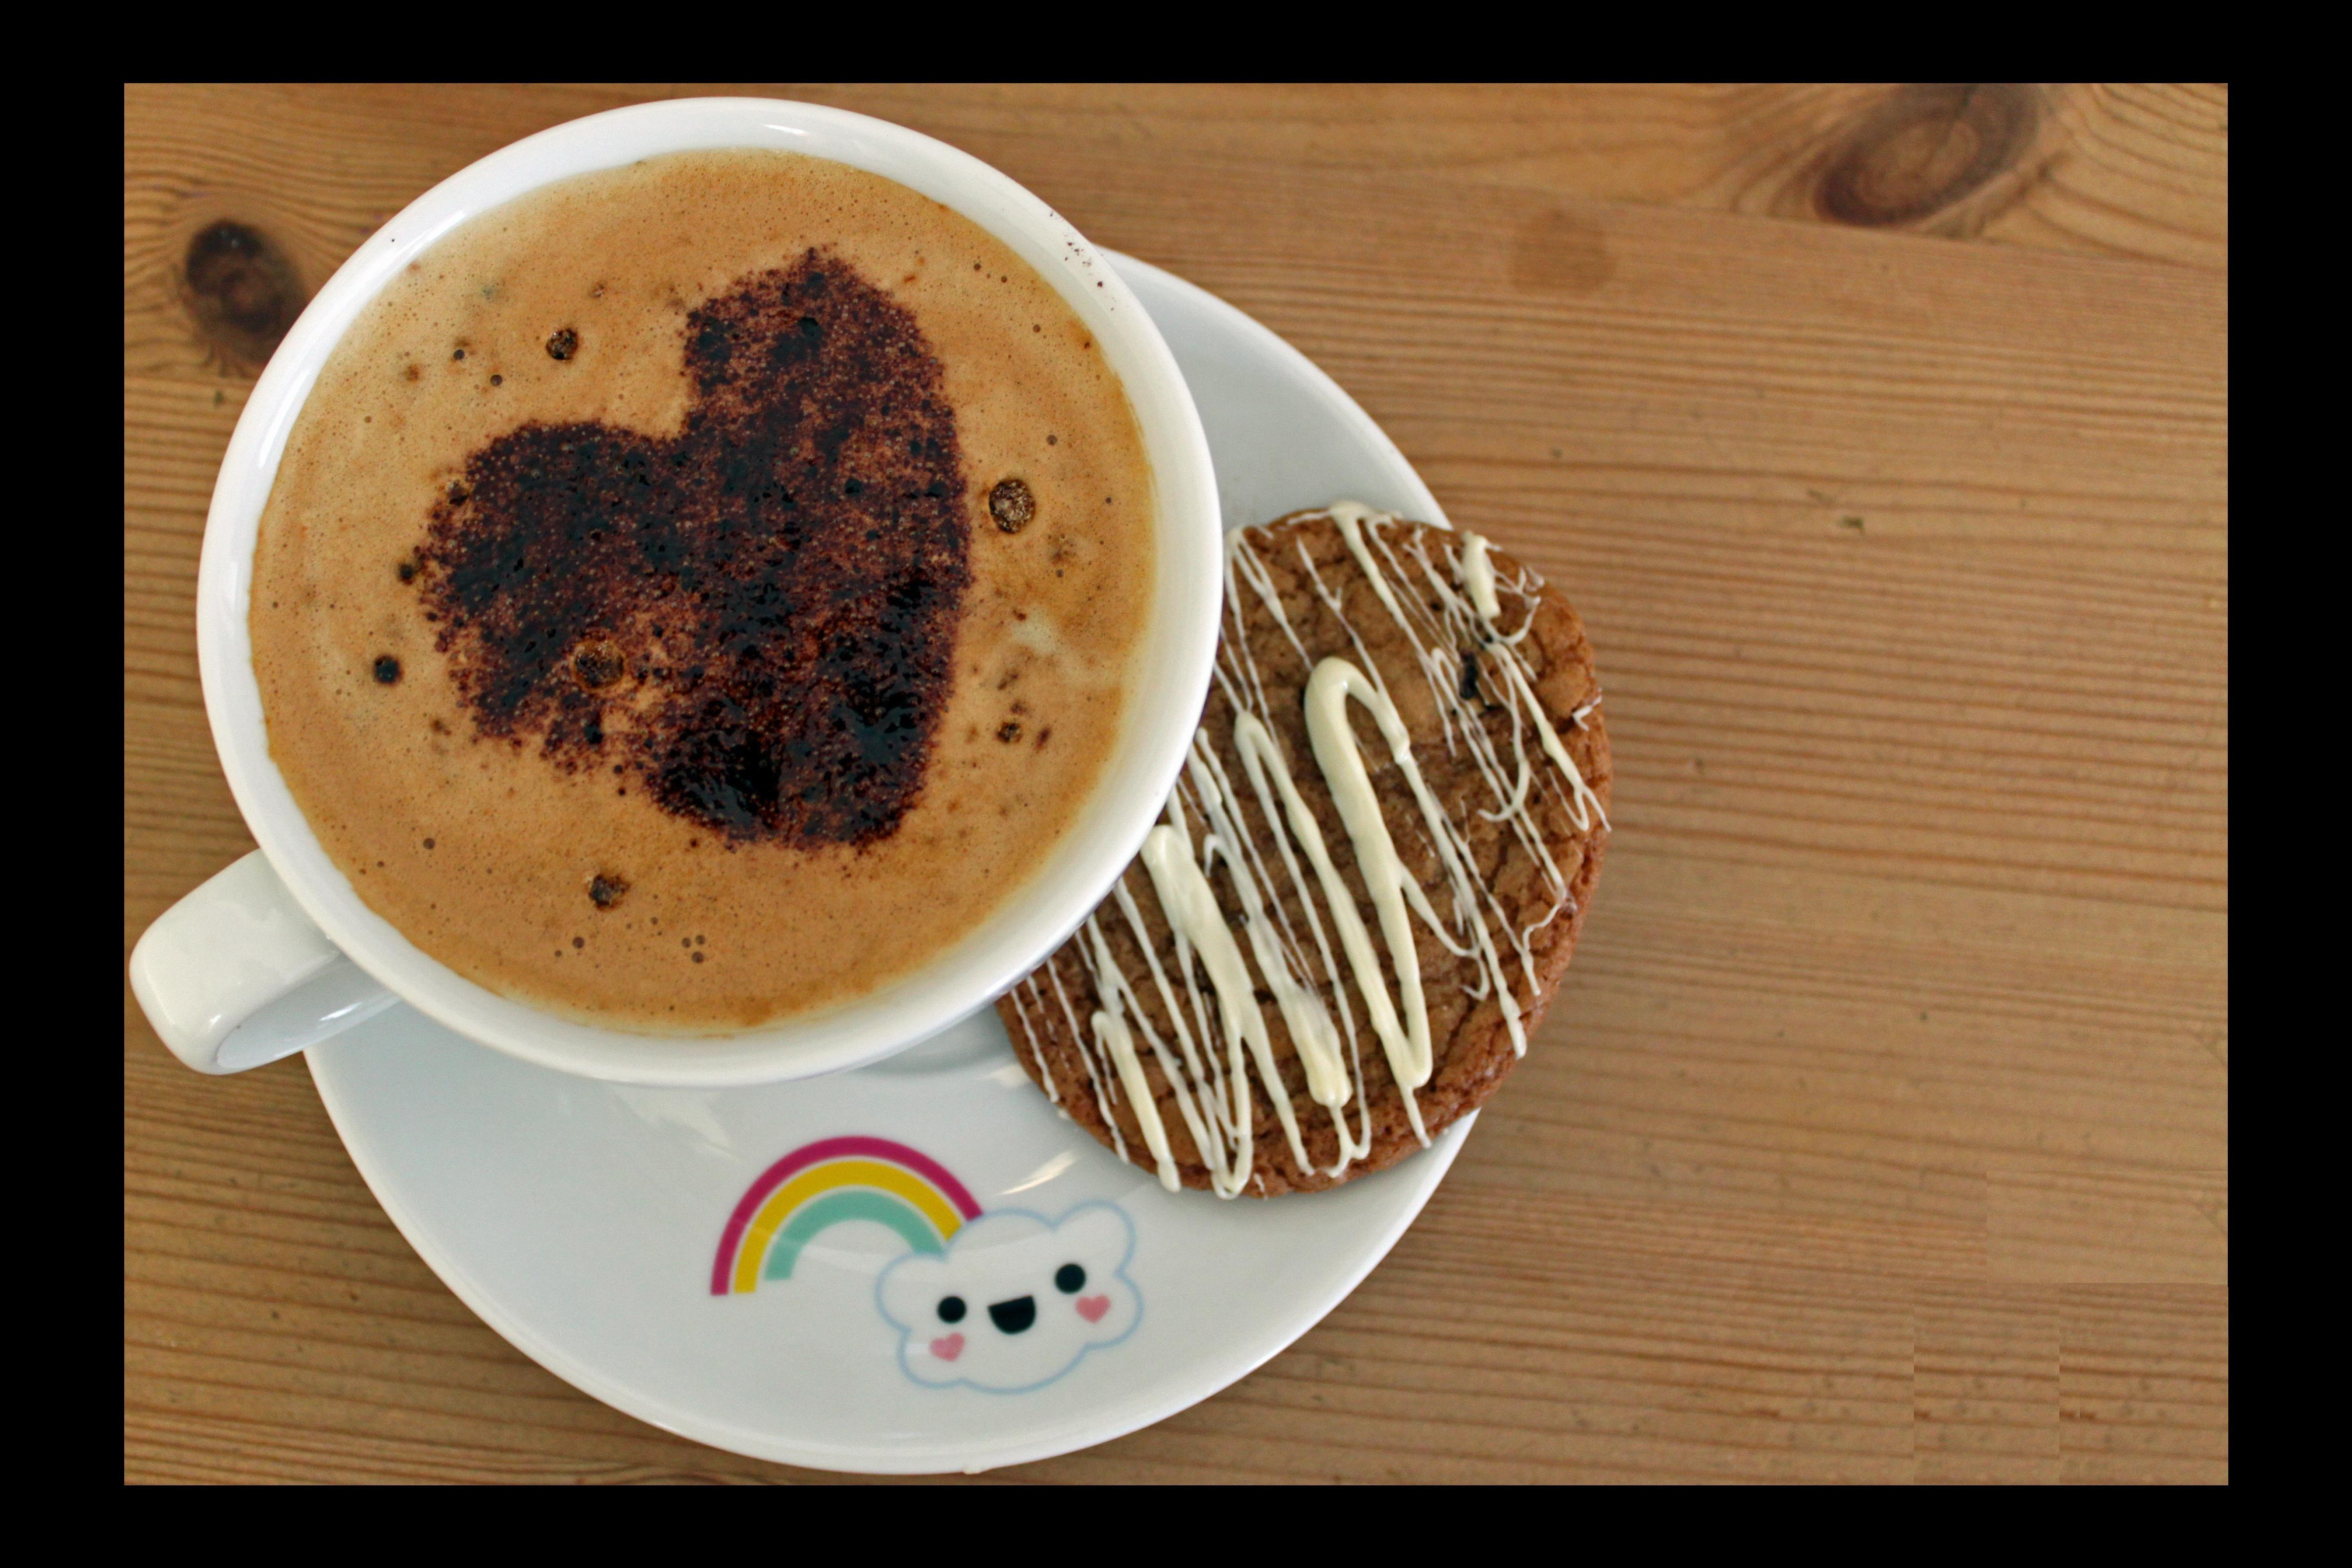 Nada mejor q una buena taza de café acompañada de un deliciosa galleta!! #LoveIt